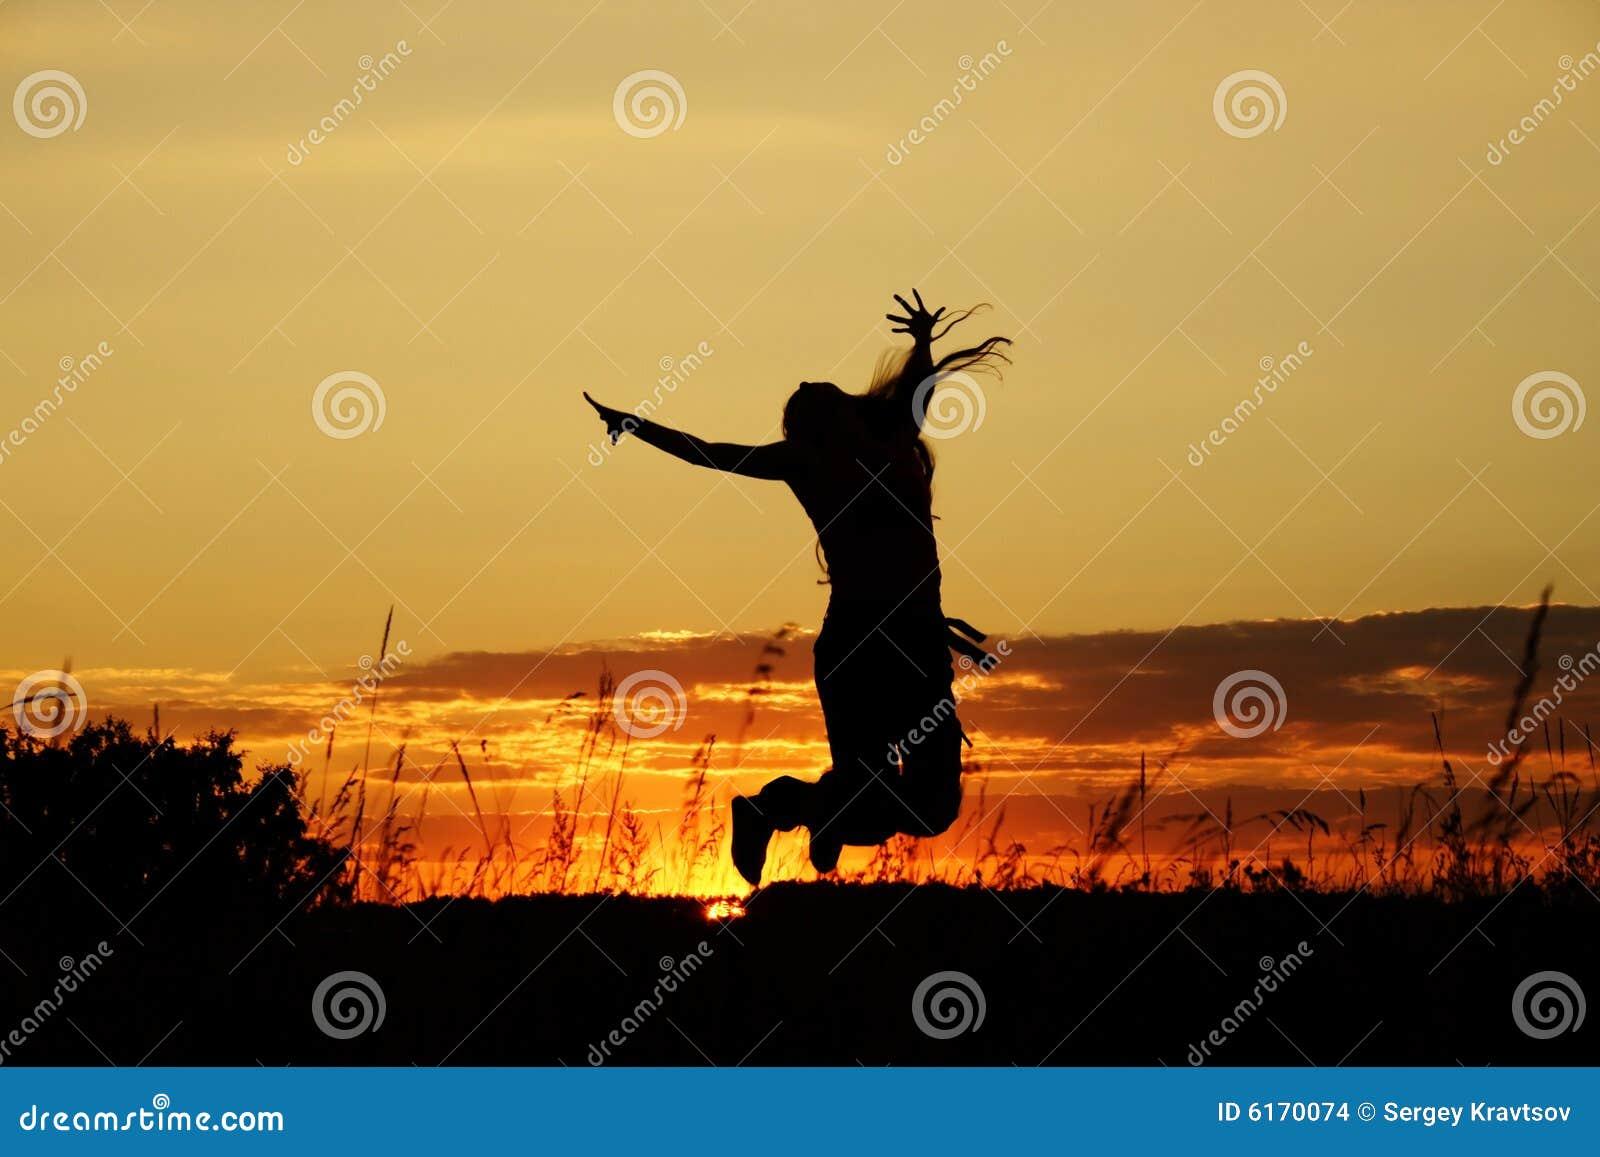 Jump stock photo. Image of dark 5c531ffce0